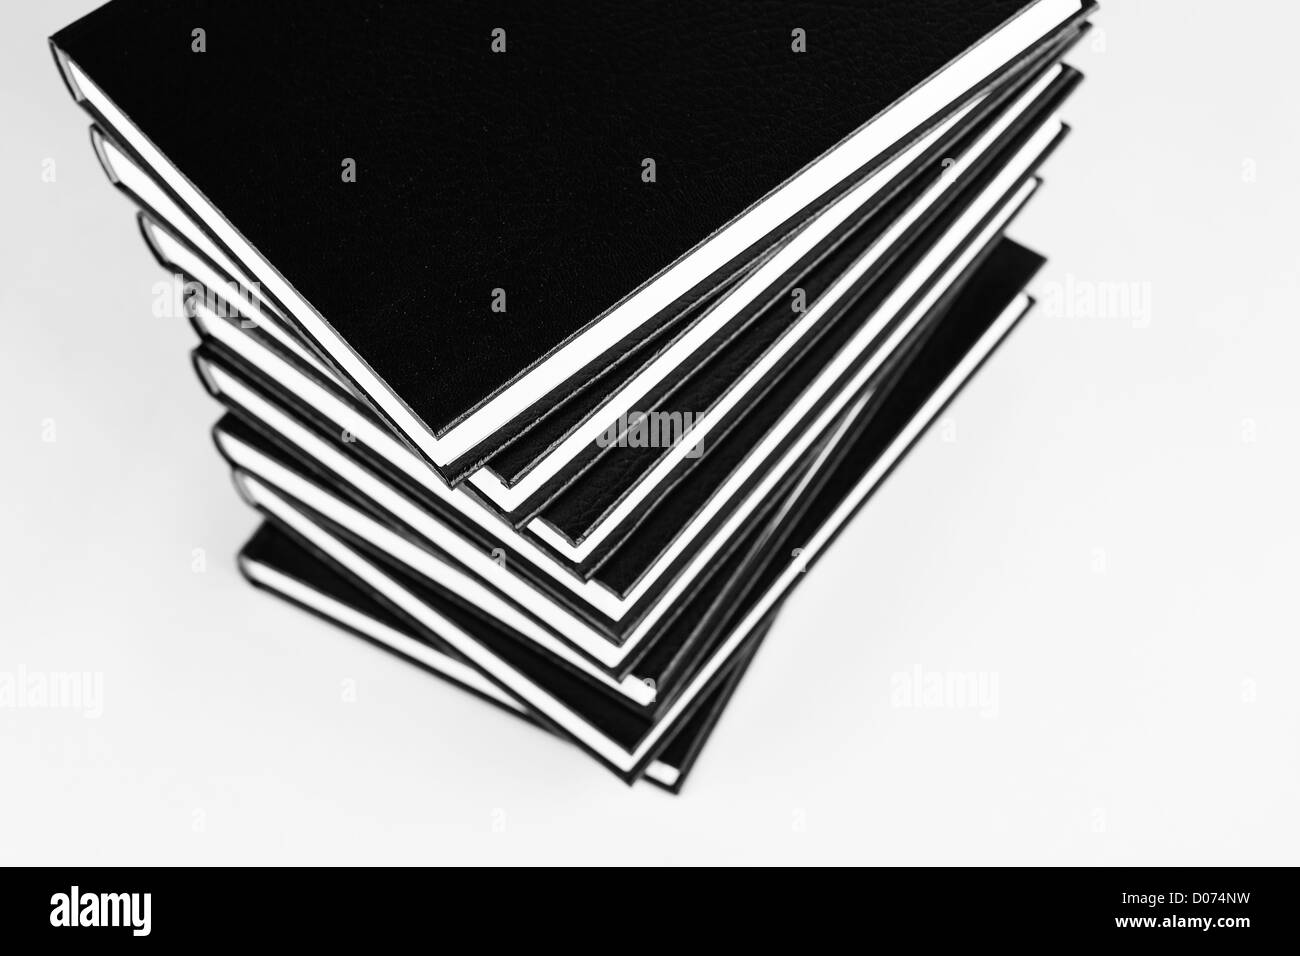 Muchos libros en un montón de fotos en blanco y negro. Imagen De Stock